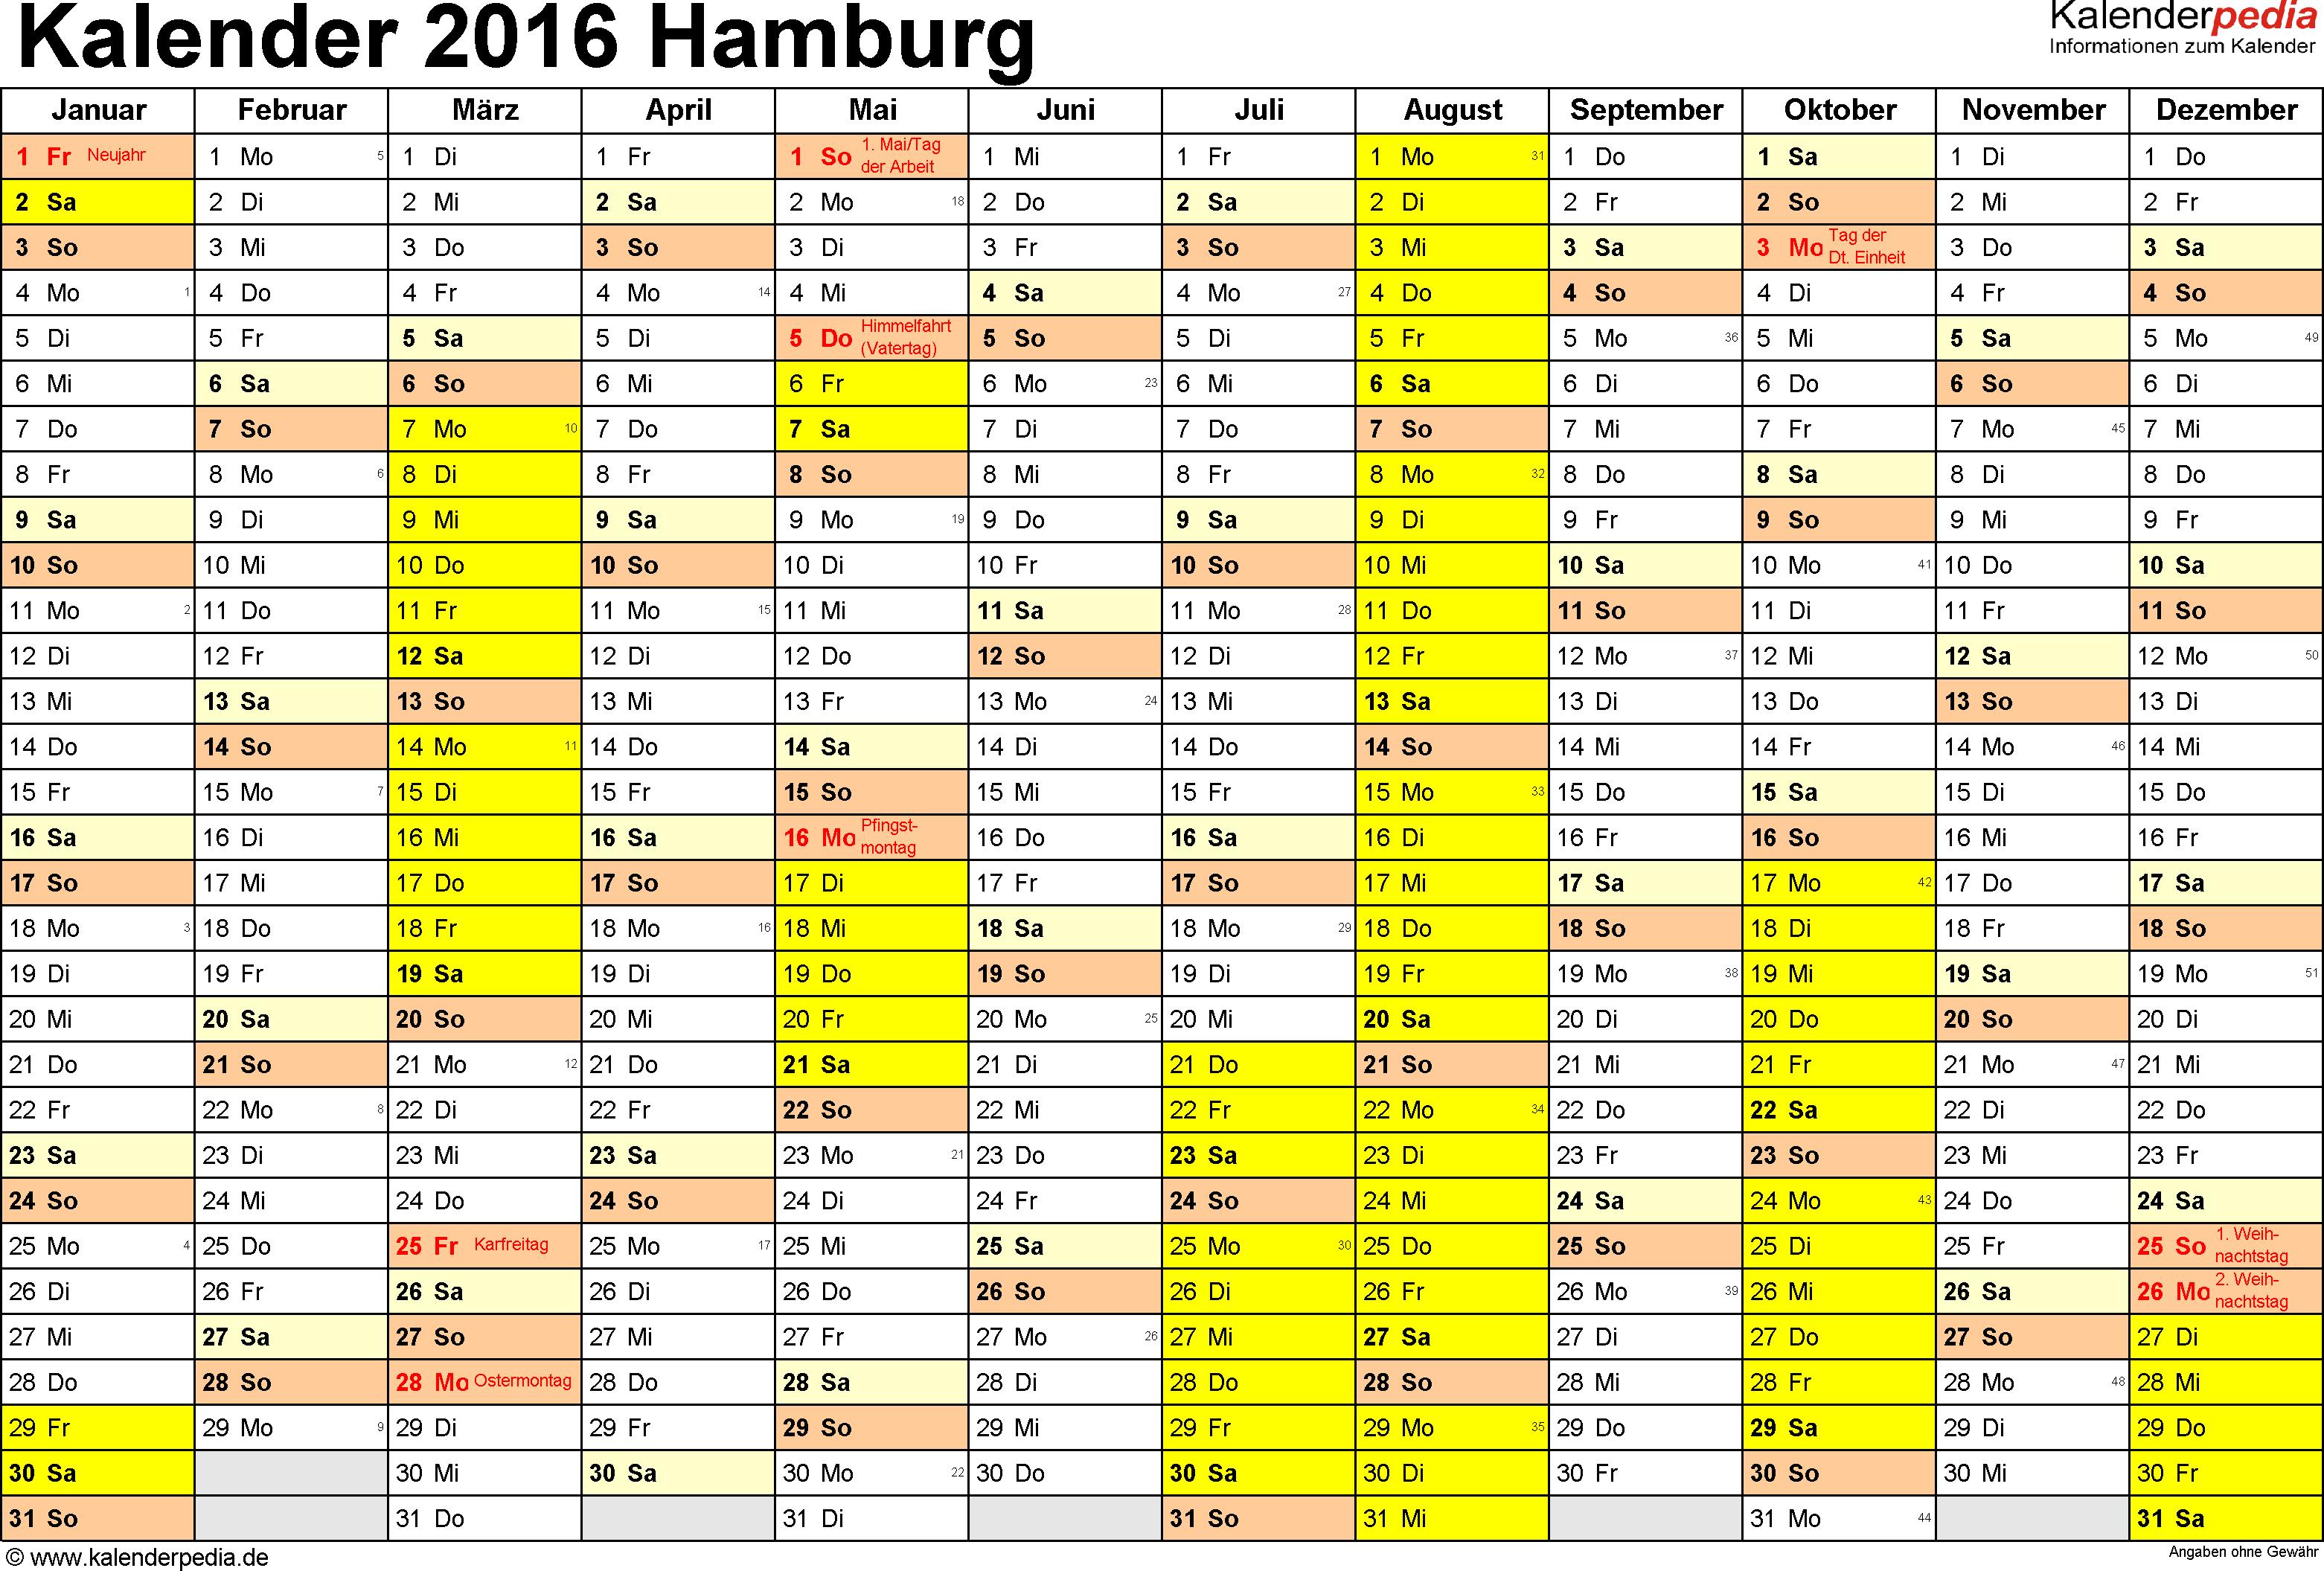 Vorlage 1: Kalender 2016 für Hamburg als Word-Vorlage (Querformat, 1 Seite)